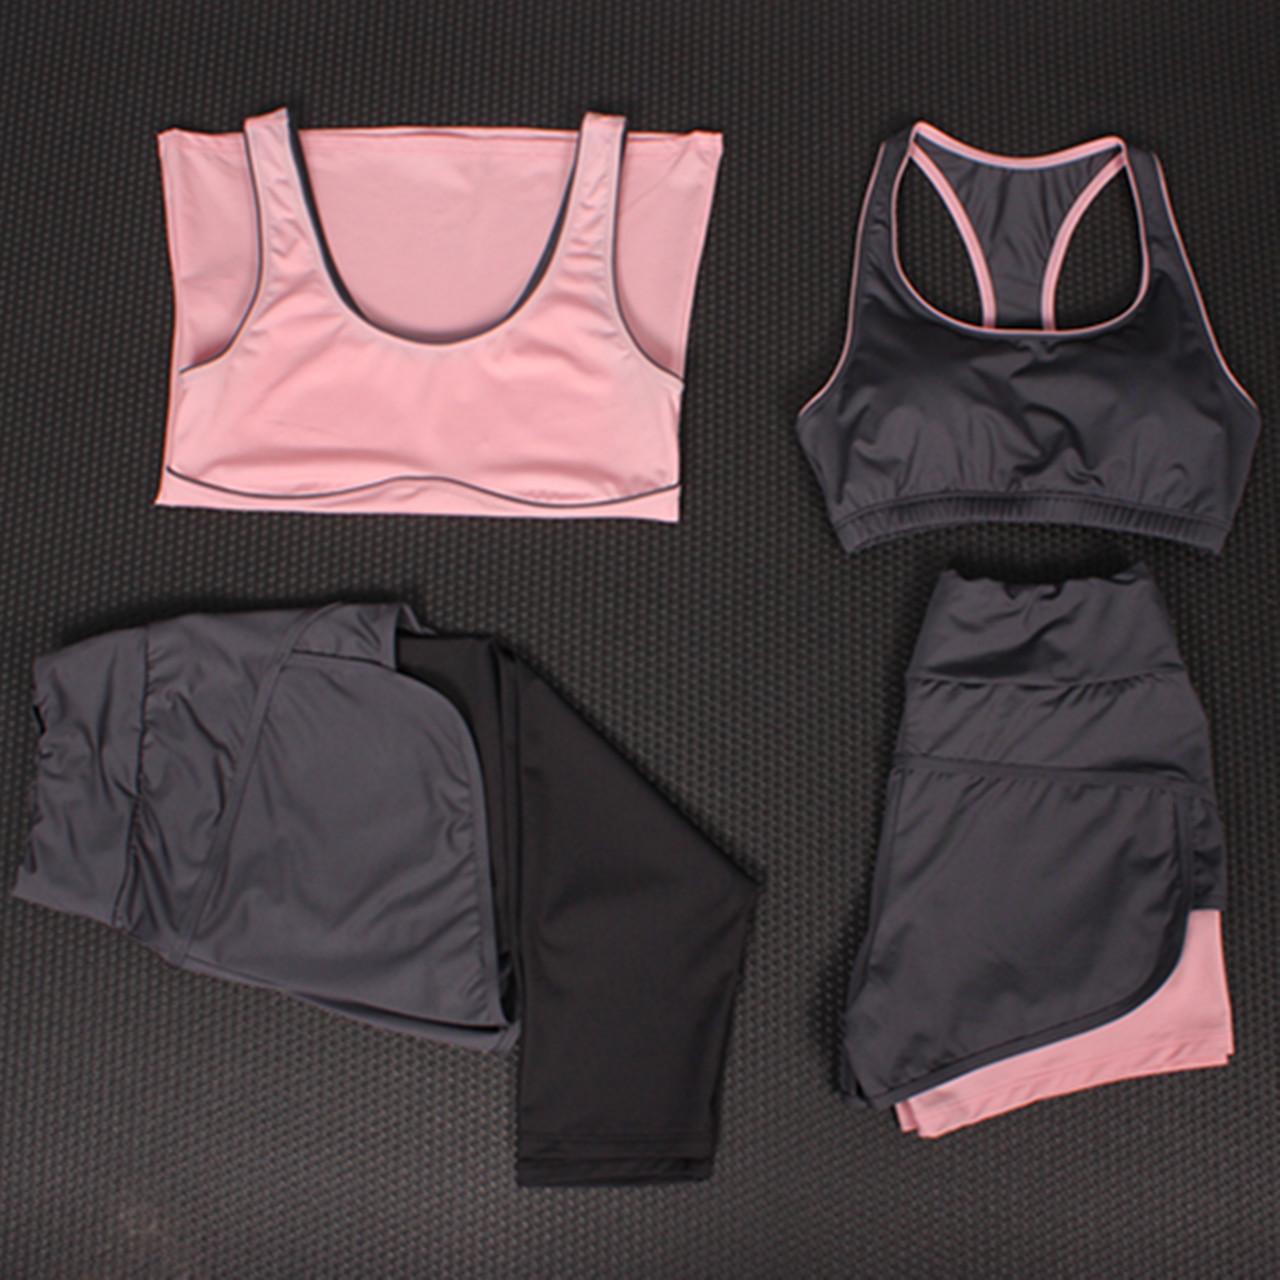 Лето йога одежда пять частей женщины одеваются тонкий жилет фитнес дом бег ударопрочный бюстгальтер отпуск движение узкие брюки